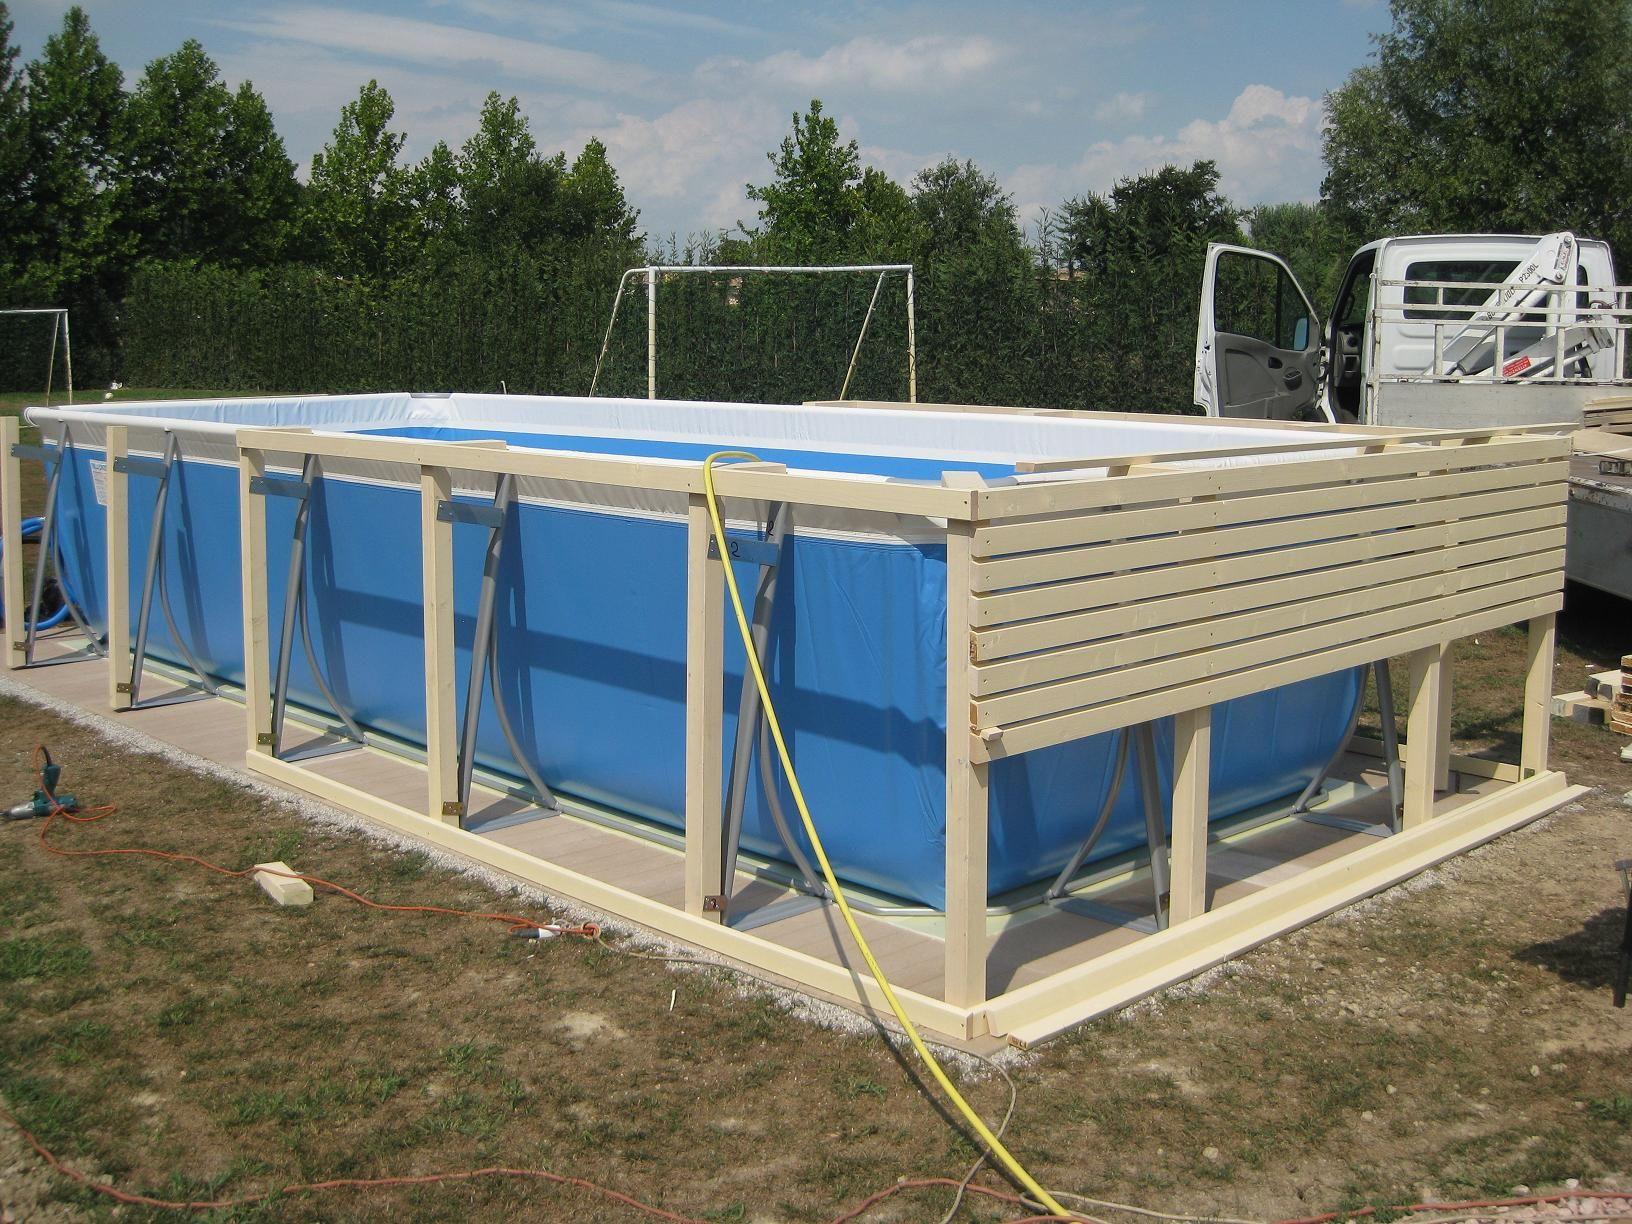 Copertura piscina fuori terra cerca con google piscine for Aufstellpool verkleiden